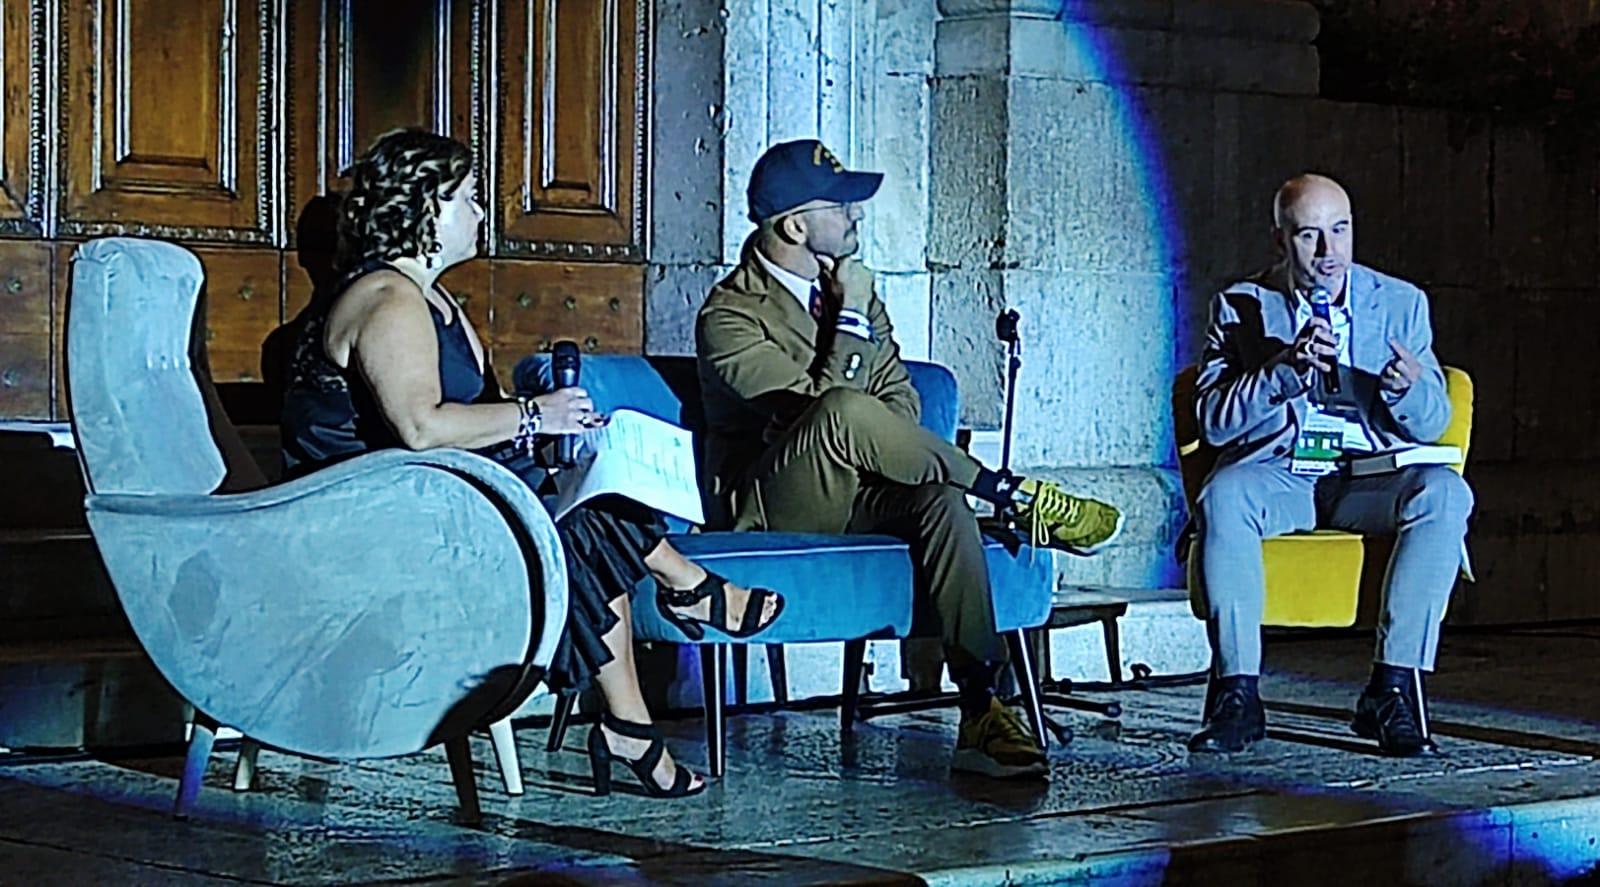 La fede protagonista della prima serata del festival letterario di pratola peligna. Apprezzato lo scrittore di Genzano Claudio Capretti